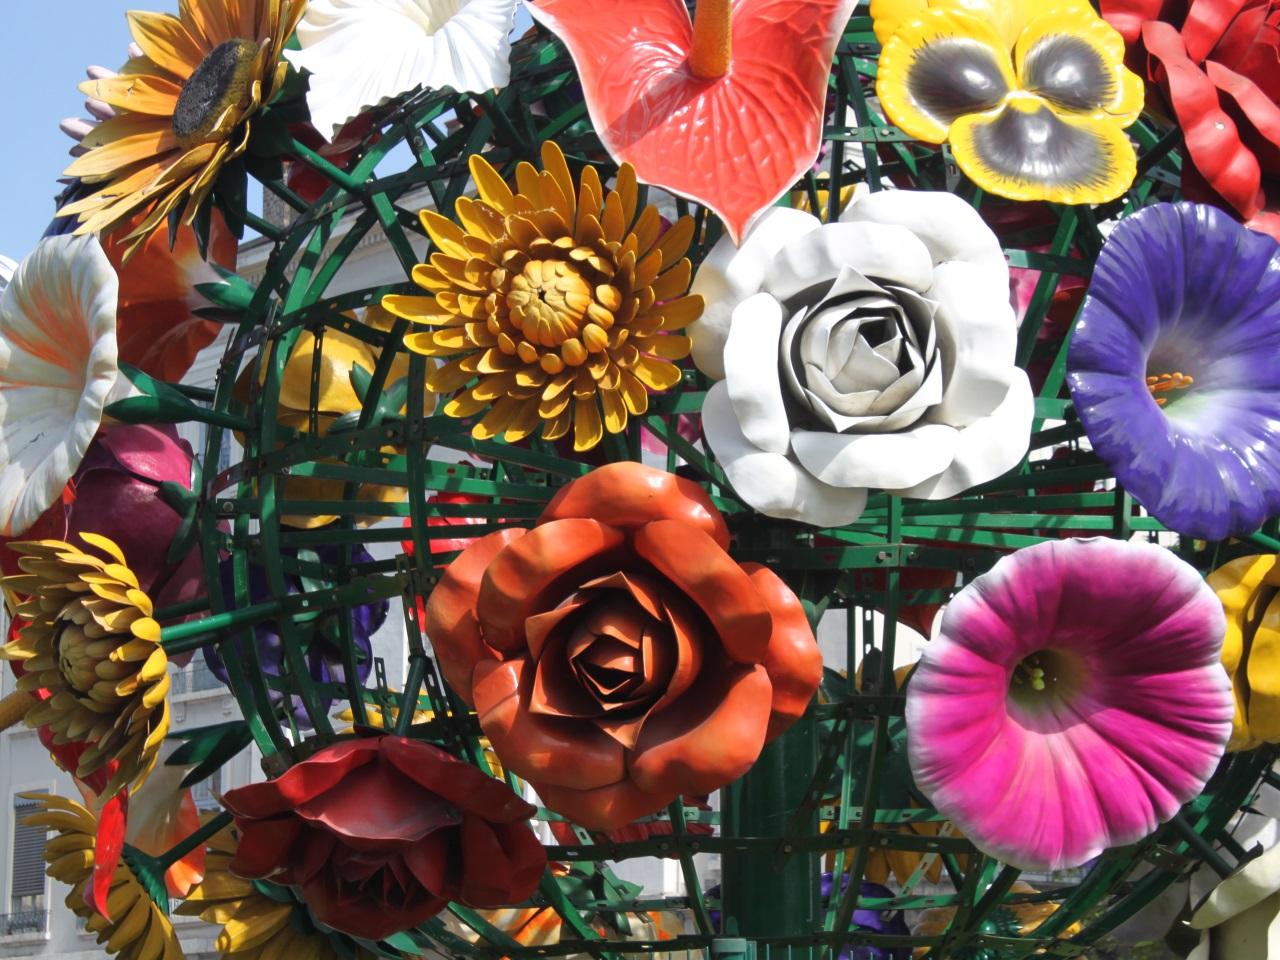 Le Flower Tree pourrait changer de place dans les prochaines années - LyonMag